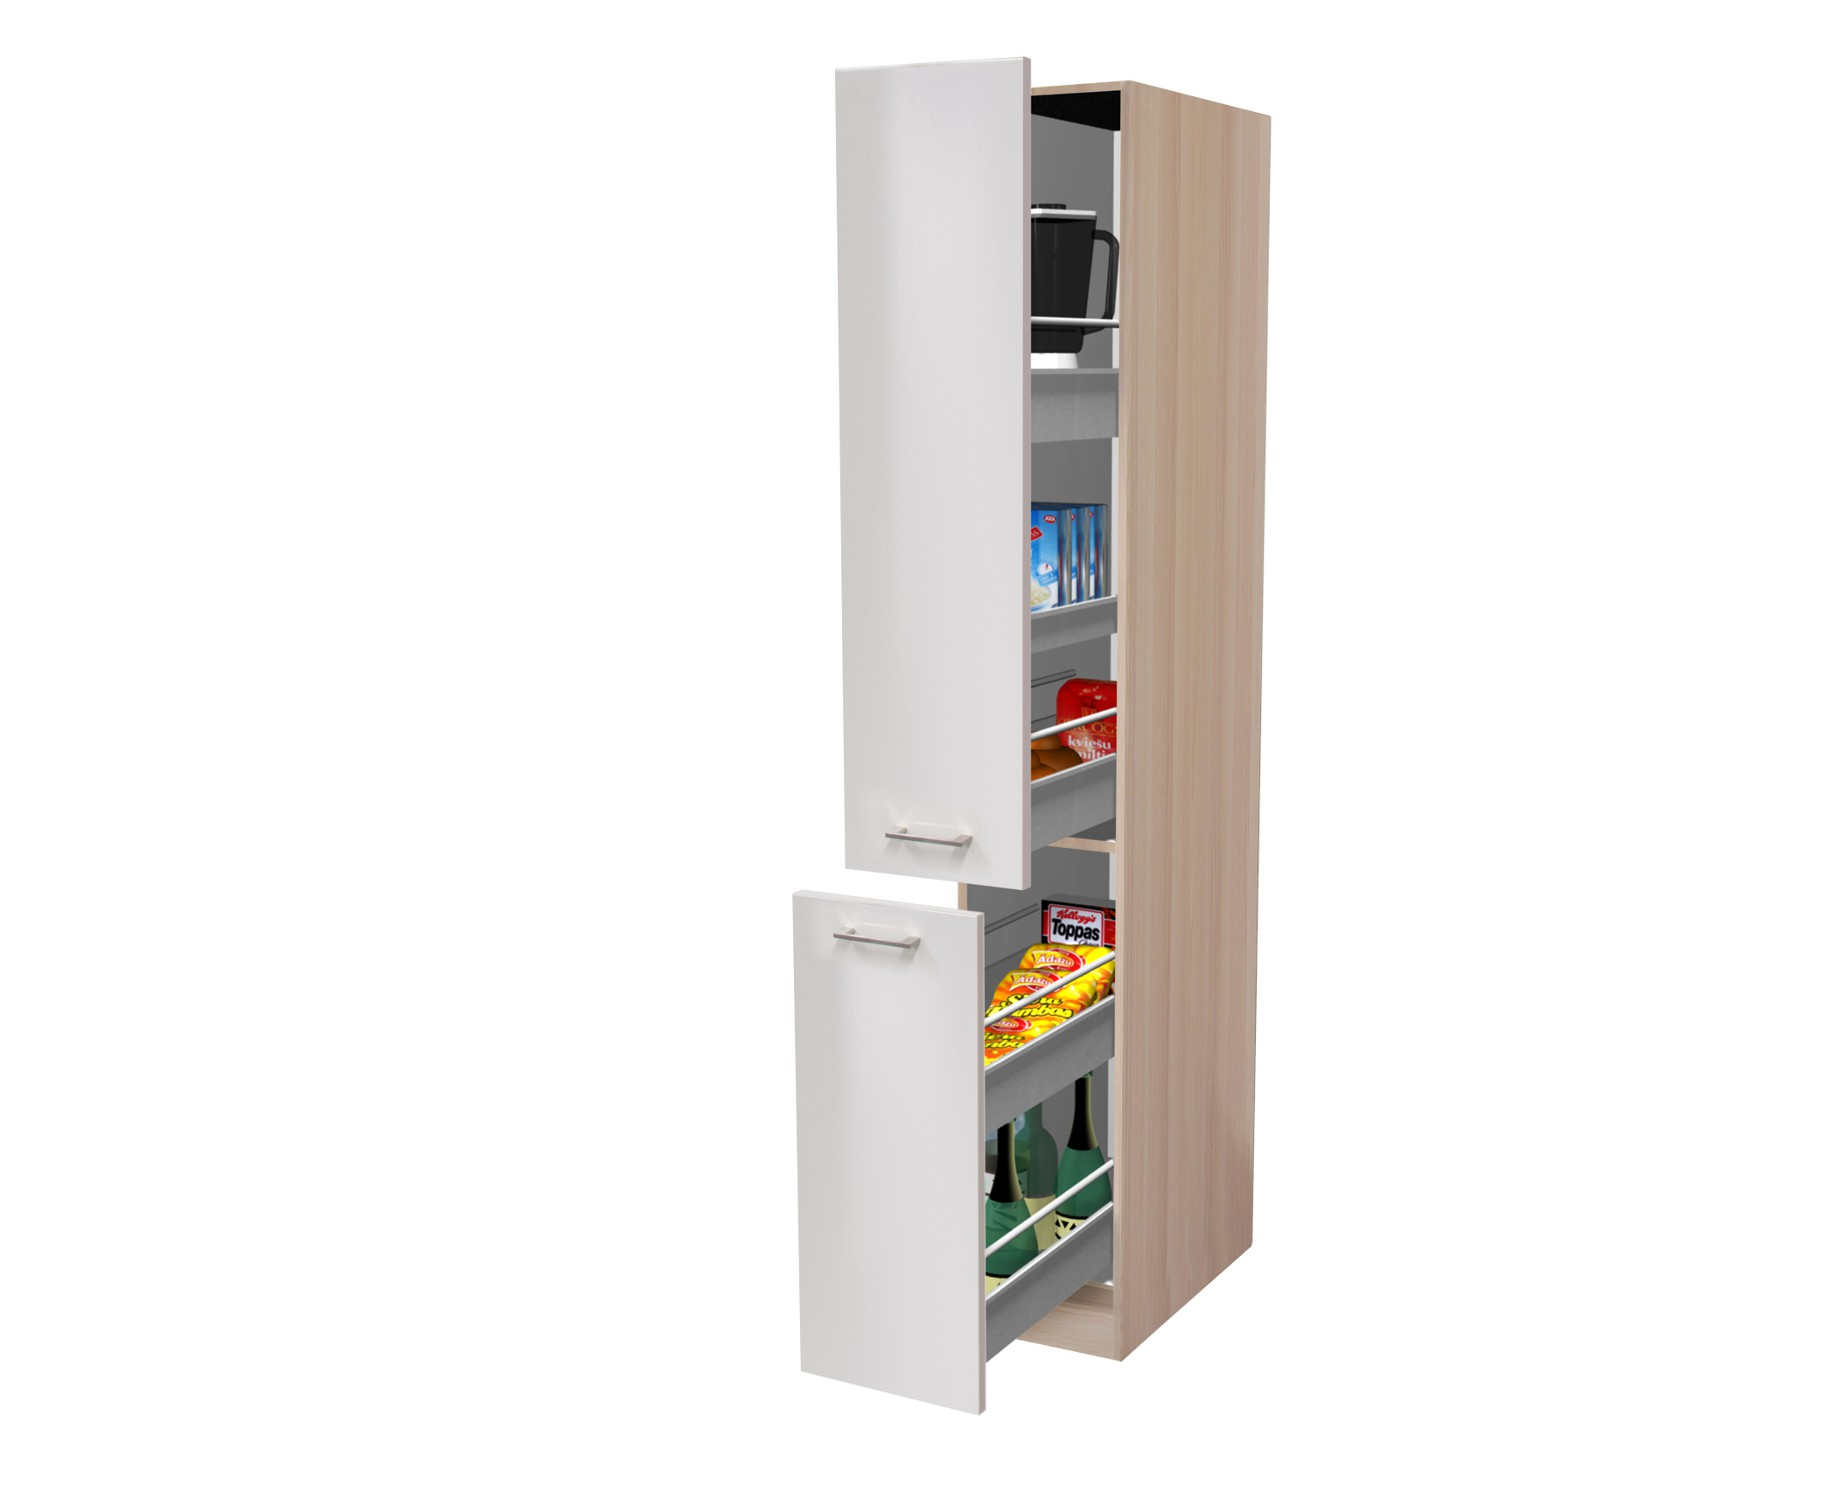 Details zu Küchen-Apothekerschrank FLORENZ Küchenschrank Hochschrank 20  Auszüge 20 cm weiss